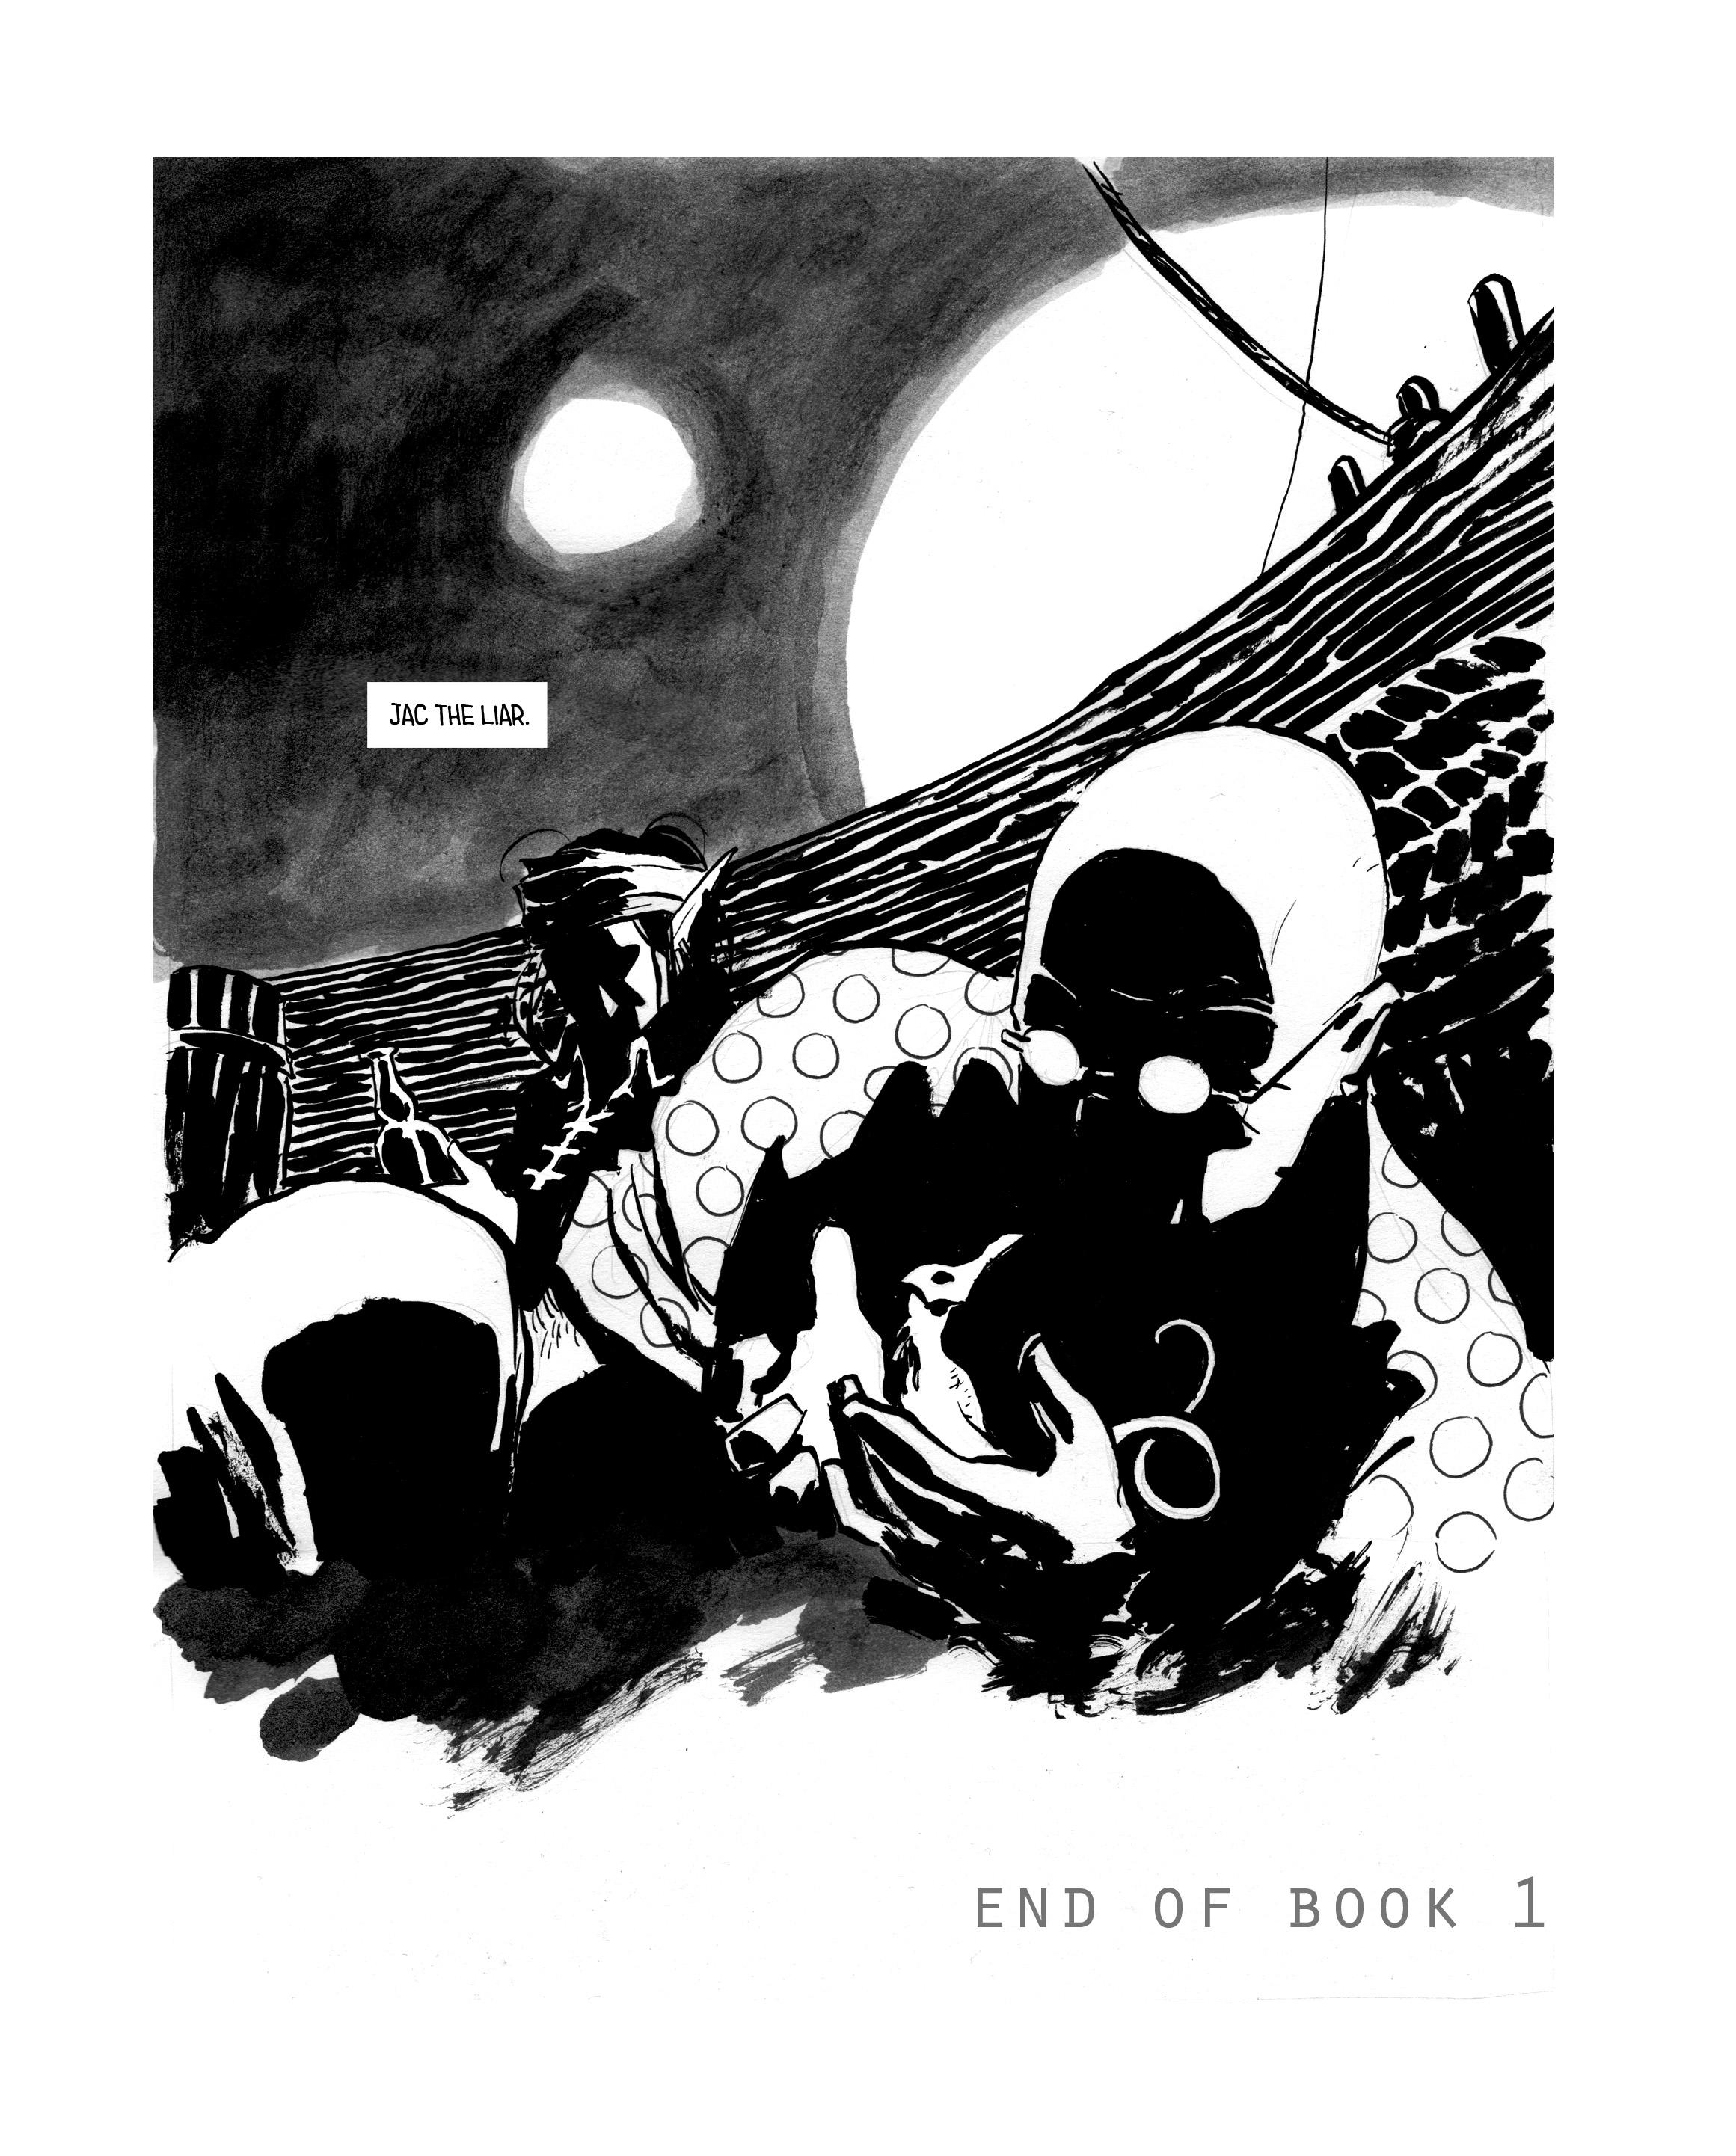 Book 1: p170